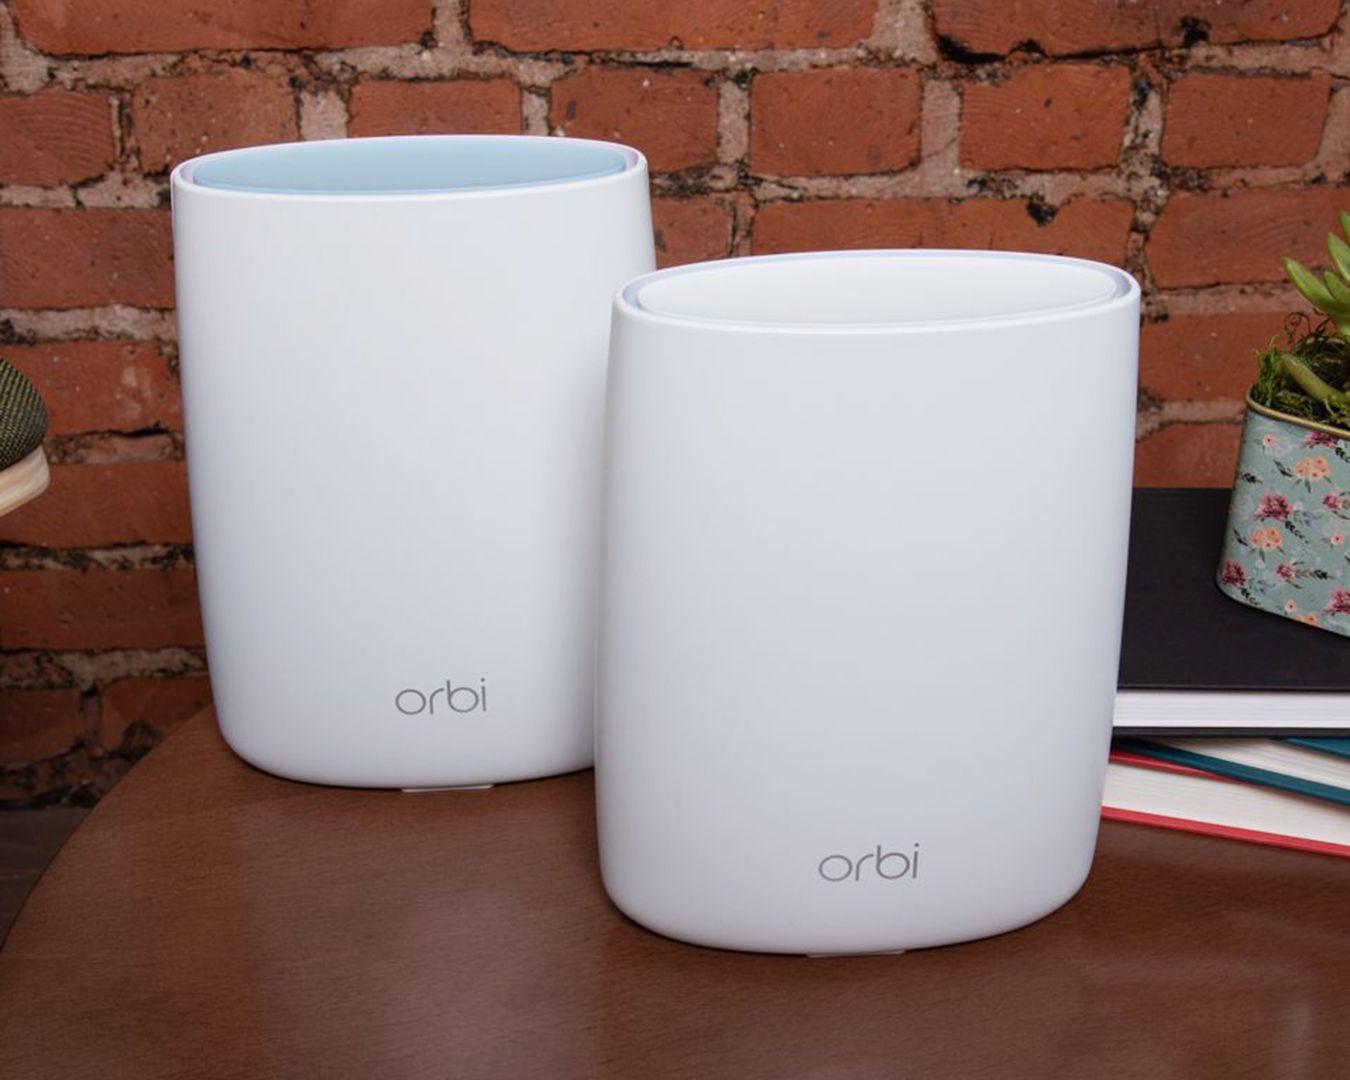 Netgear Orbi Whole Home Wi-Fi System